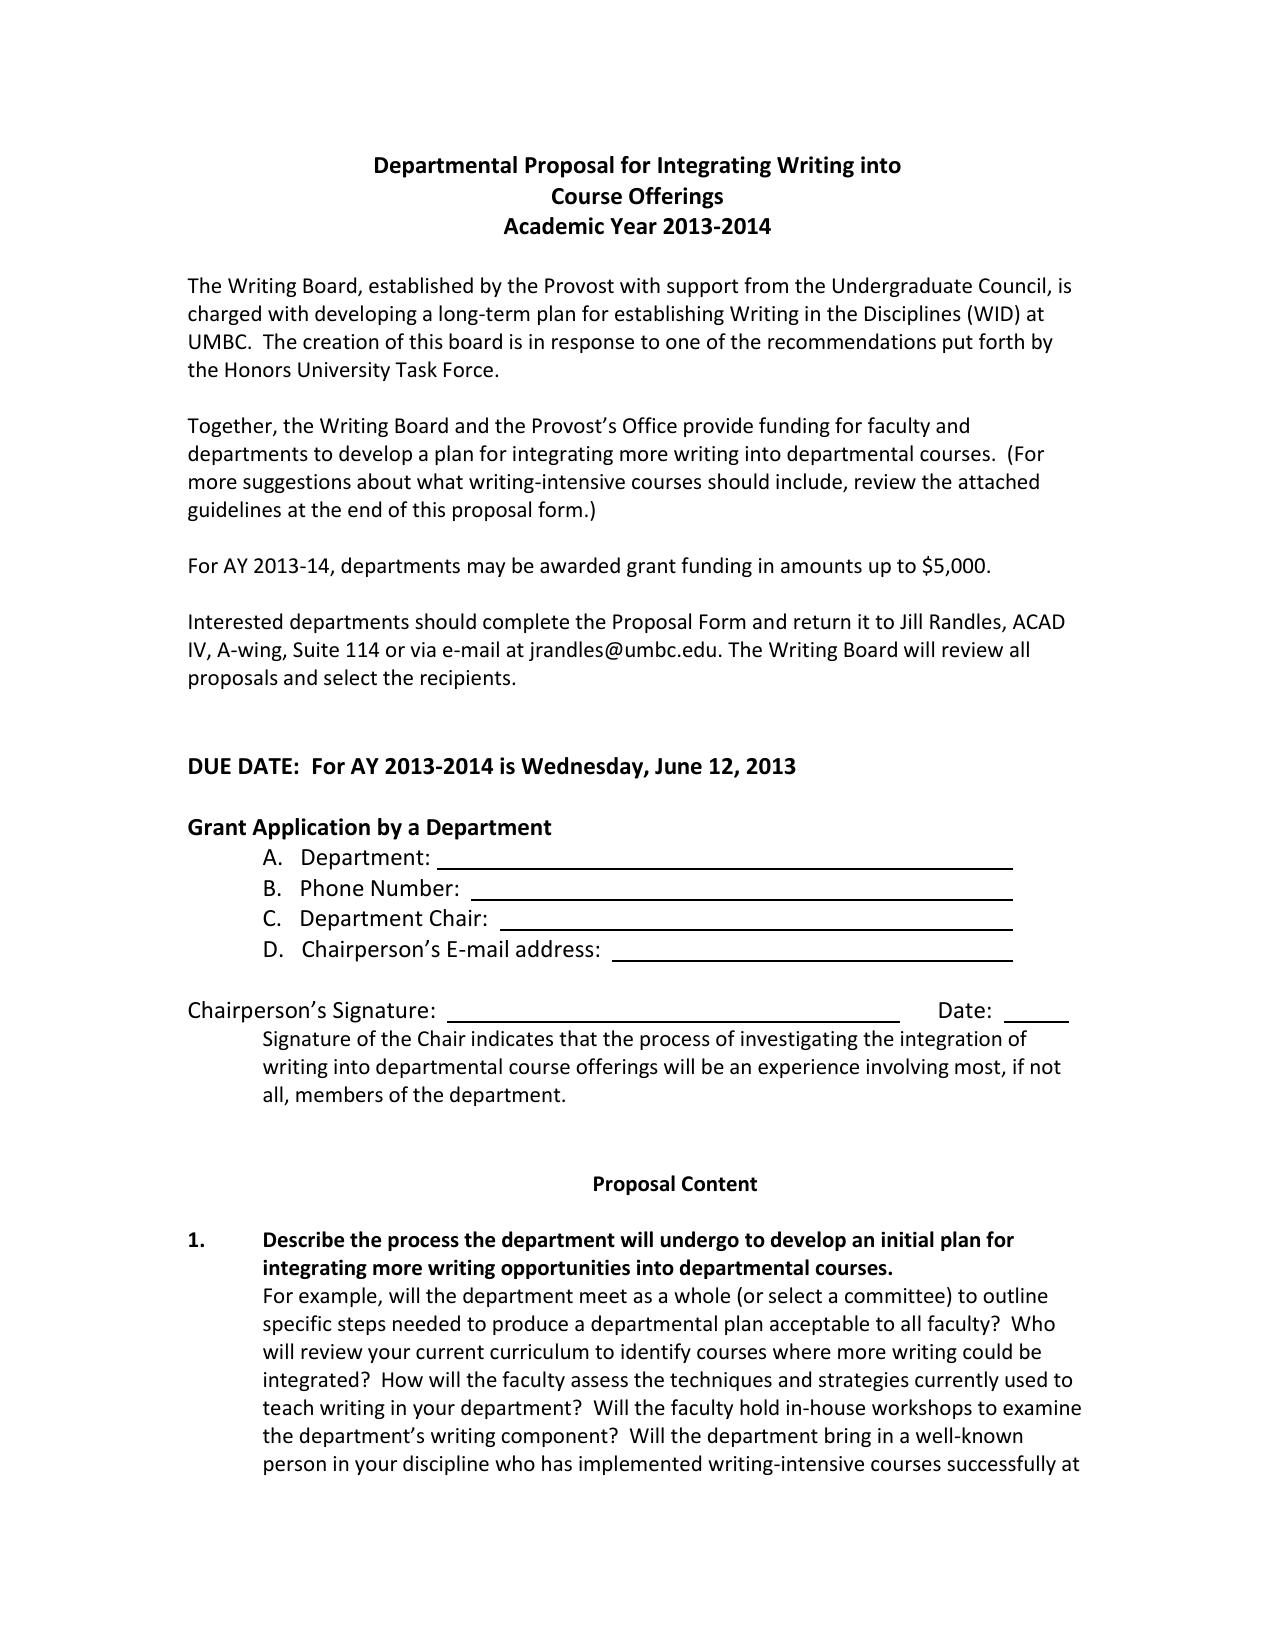 umbc essay questions 2014